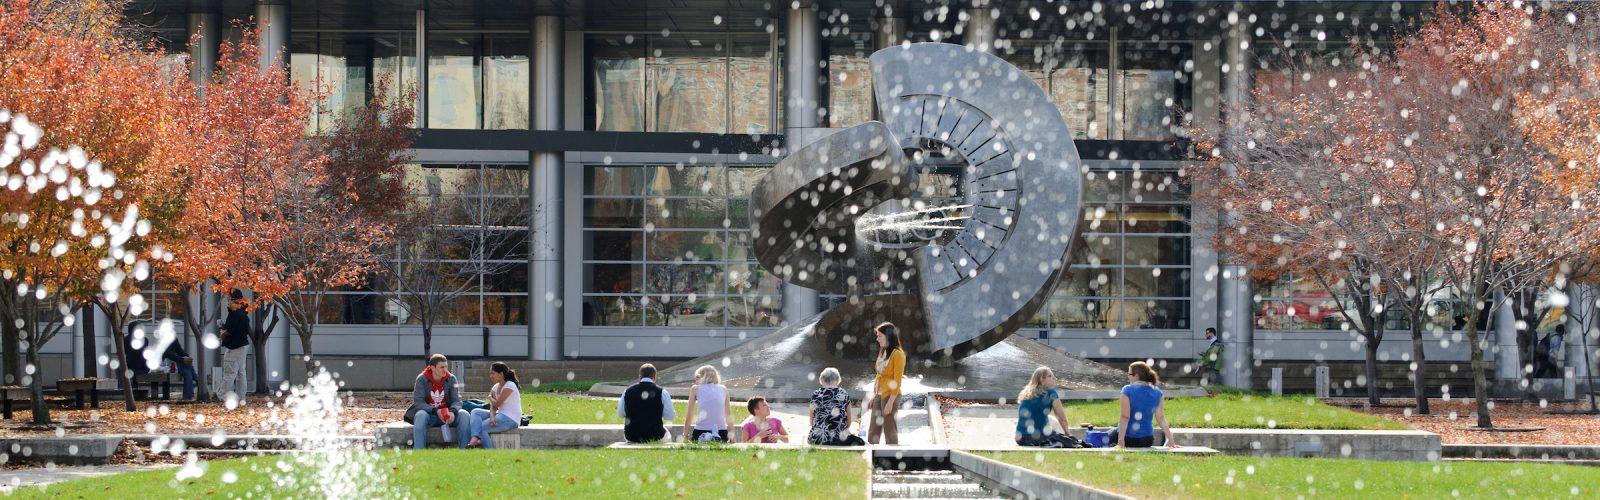 Maquina Fountain